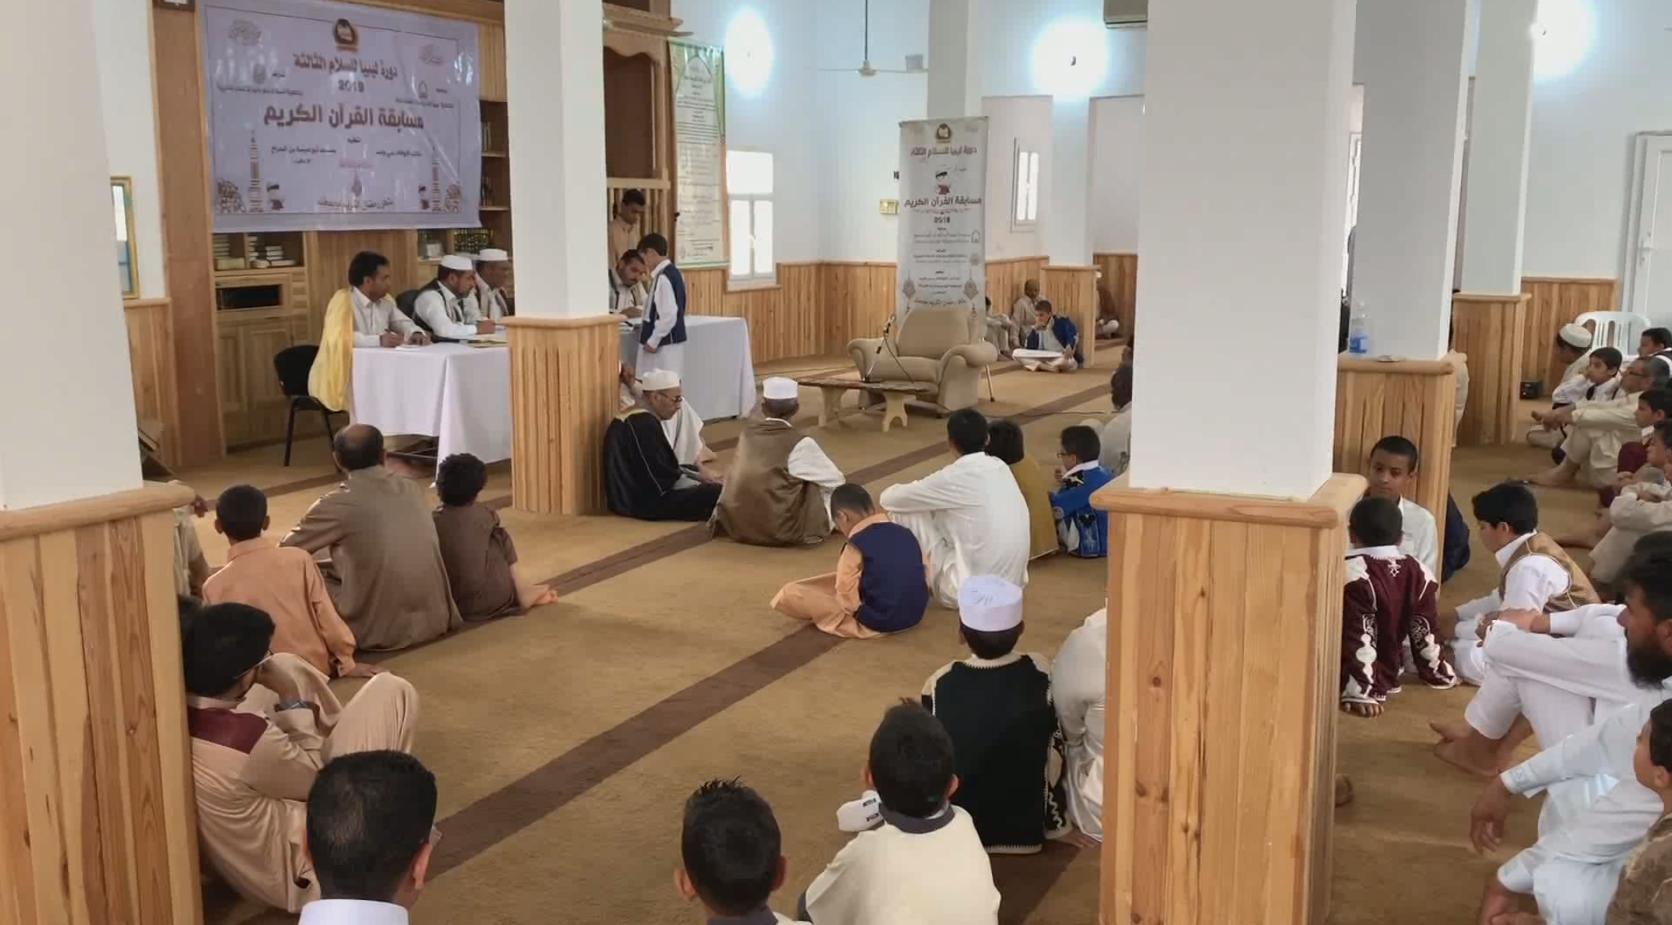 مسابقة قرآنية رمضانية في بني وليد